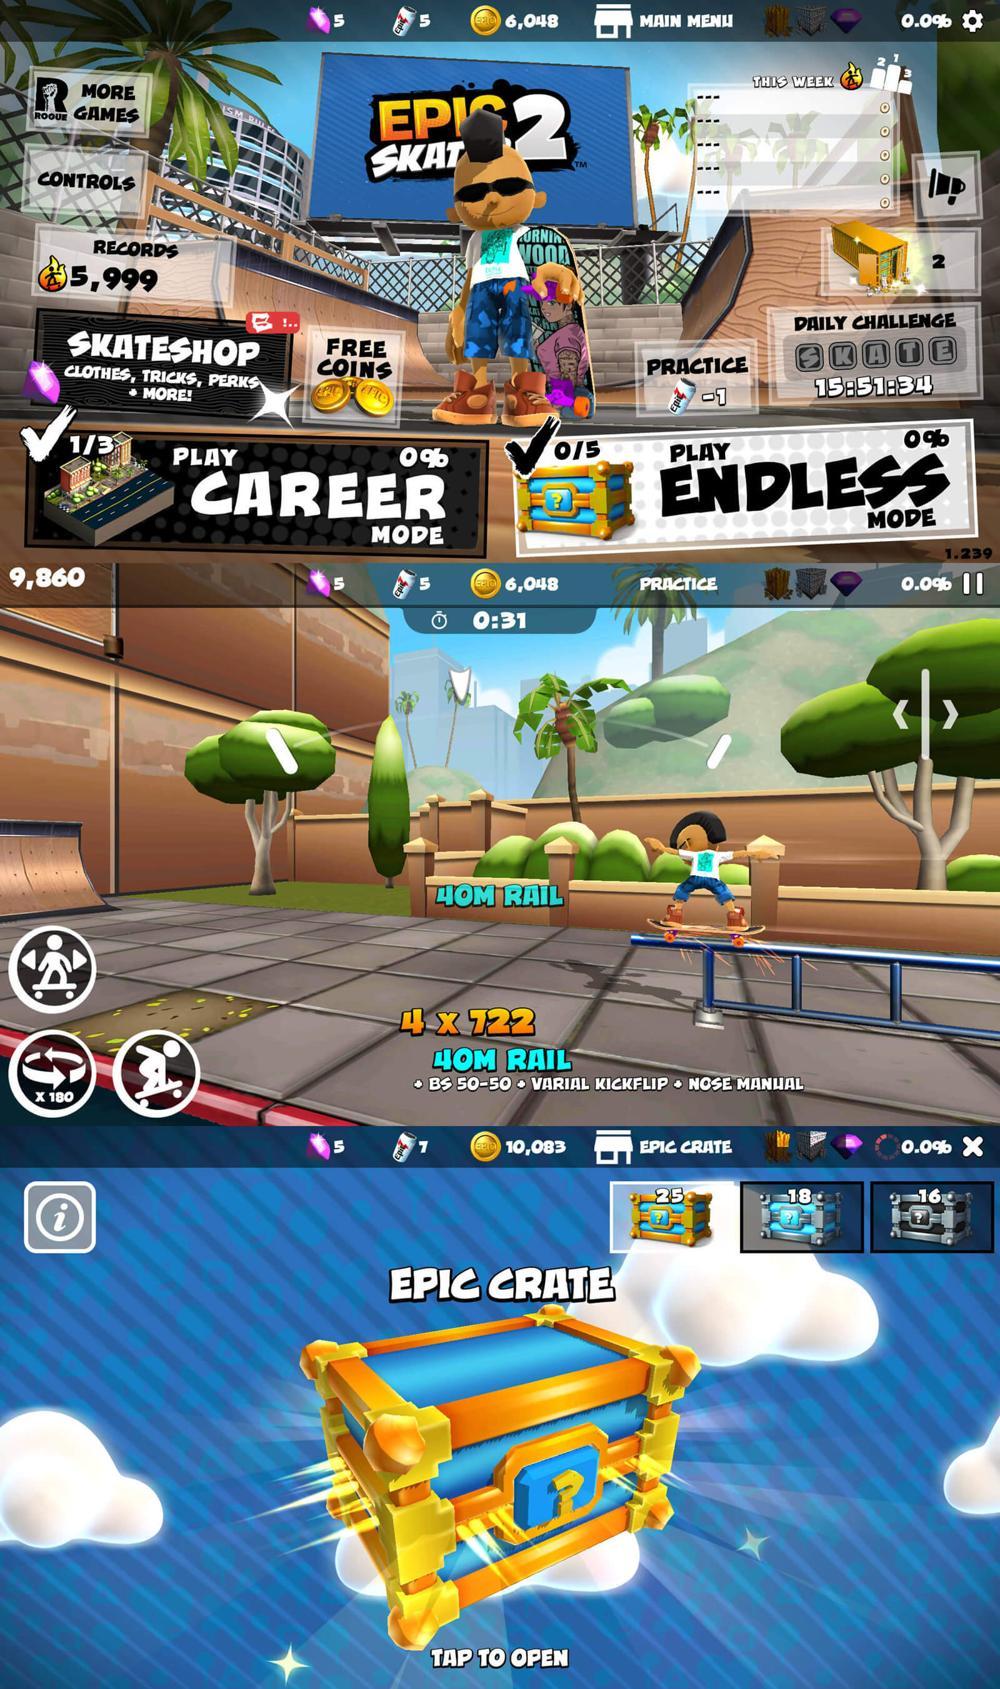 特技滑板游戏 史诗滑板2